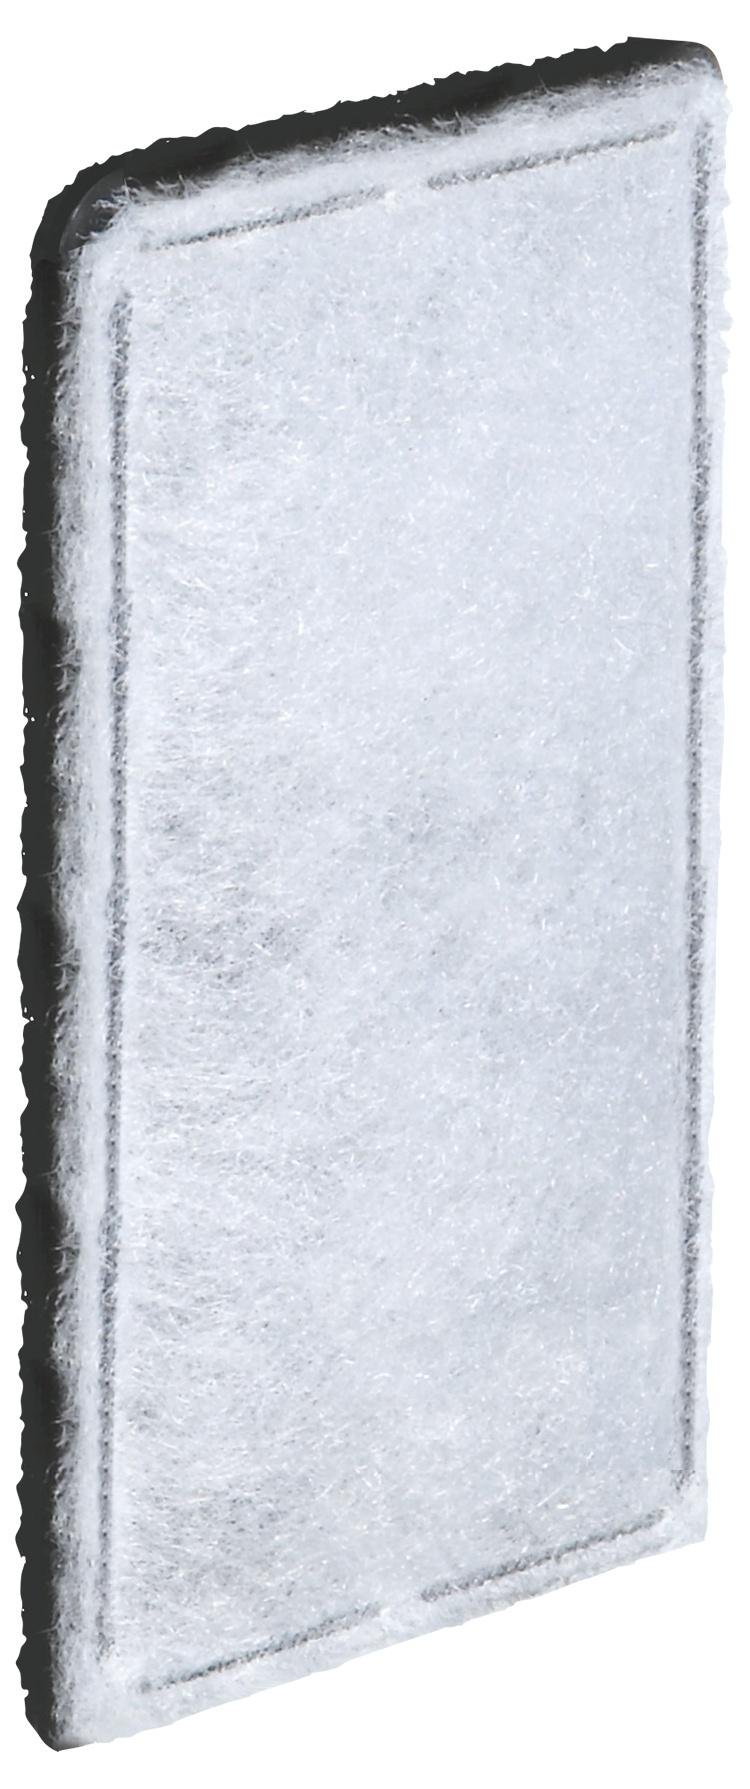 Akvārija filtru pildījums - CarbonFoam for Fluval U2